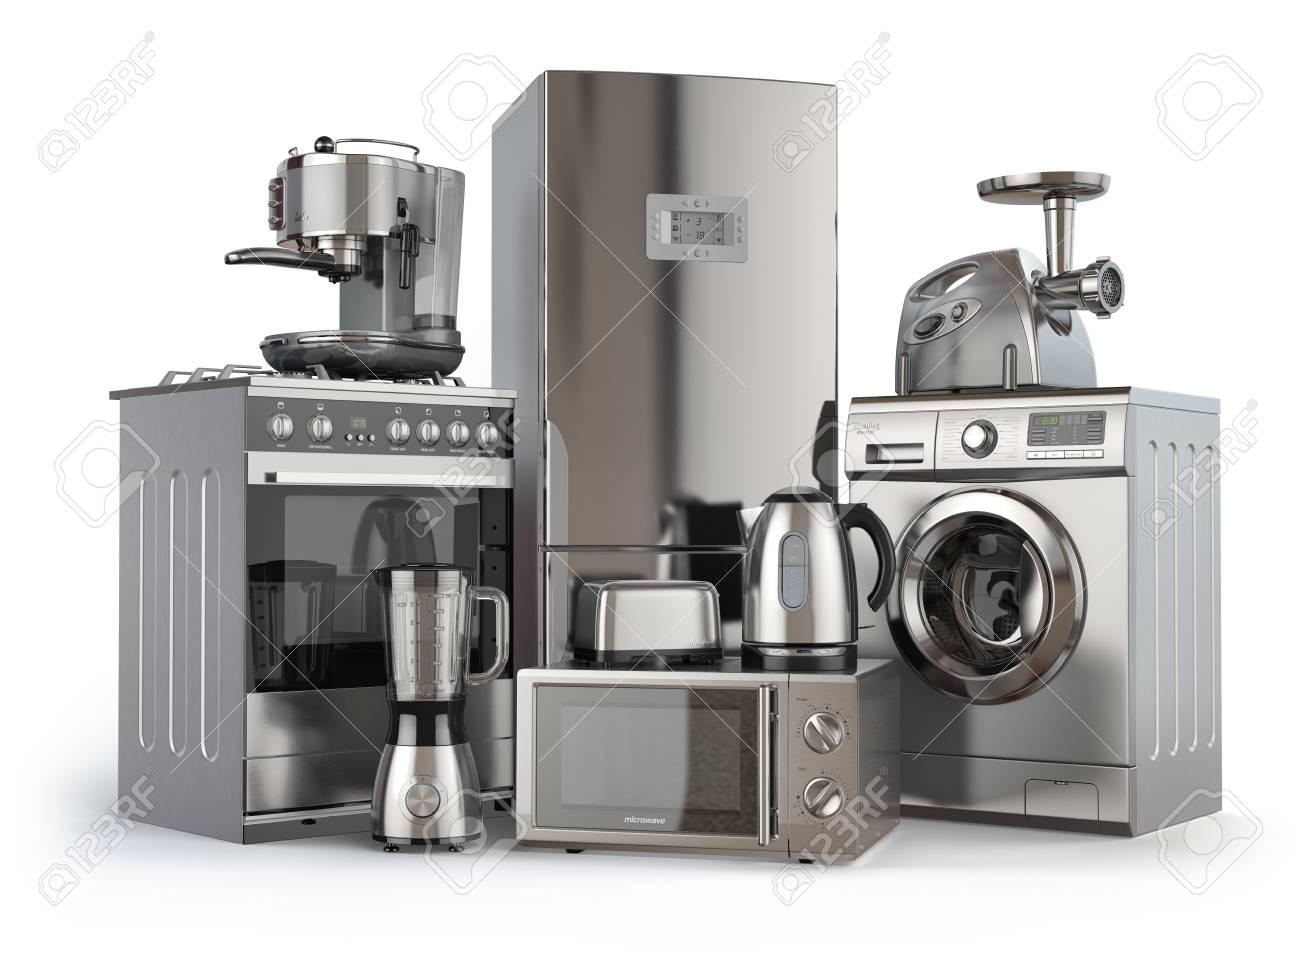 Elettrodomestici. Cucina A Gas, Frigorifero, Forno A Microonde E ...